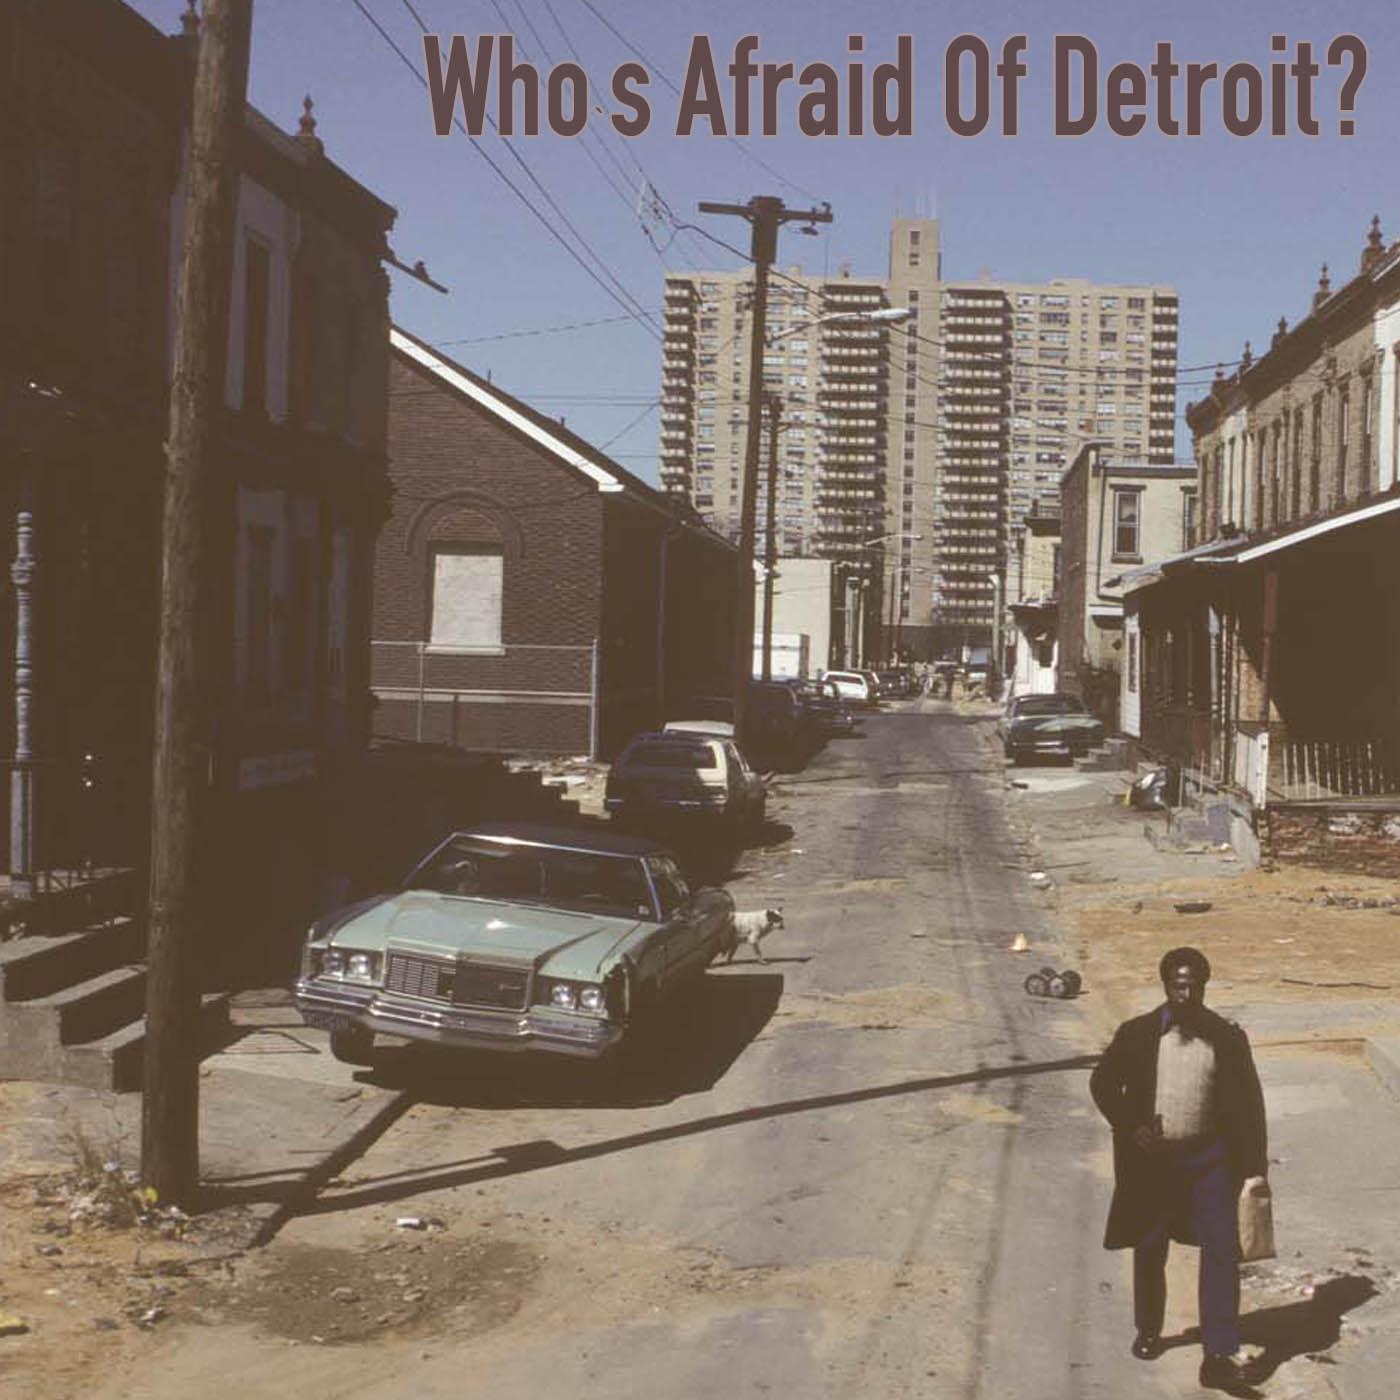 Claude Von Stroke - Whos Afraid Of Detroit (2ways X Pavel Shchukin Remix) on Revolution Radio